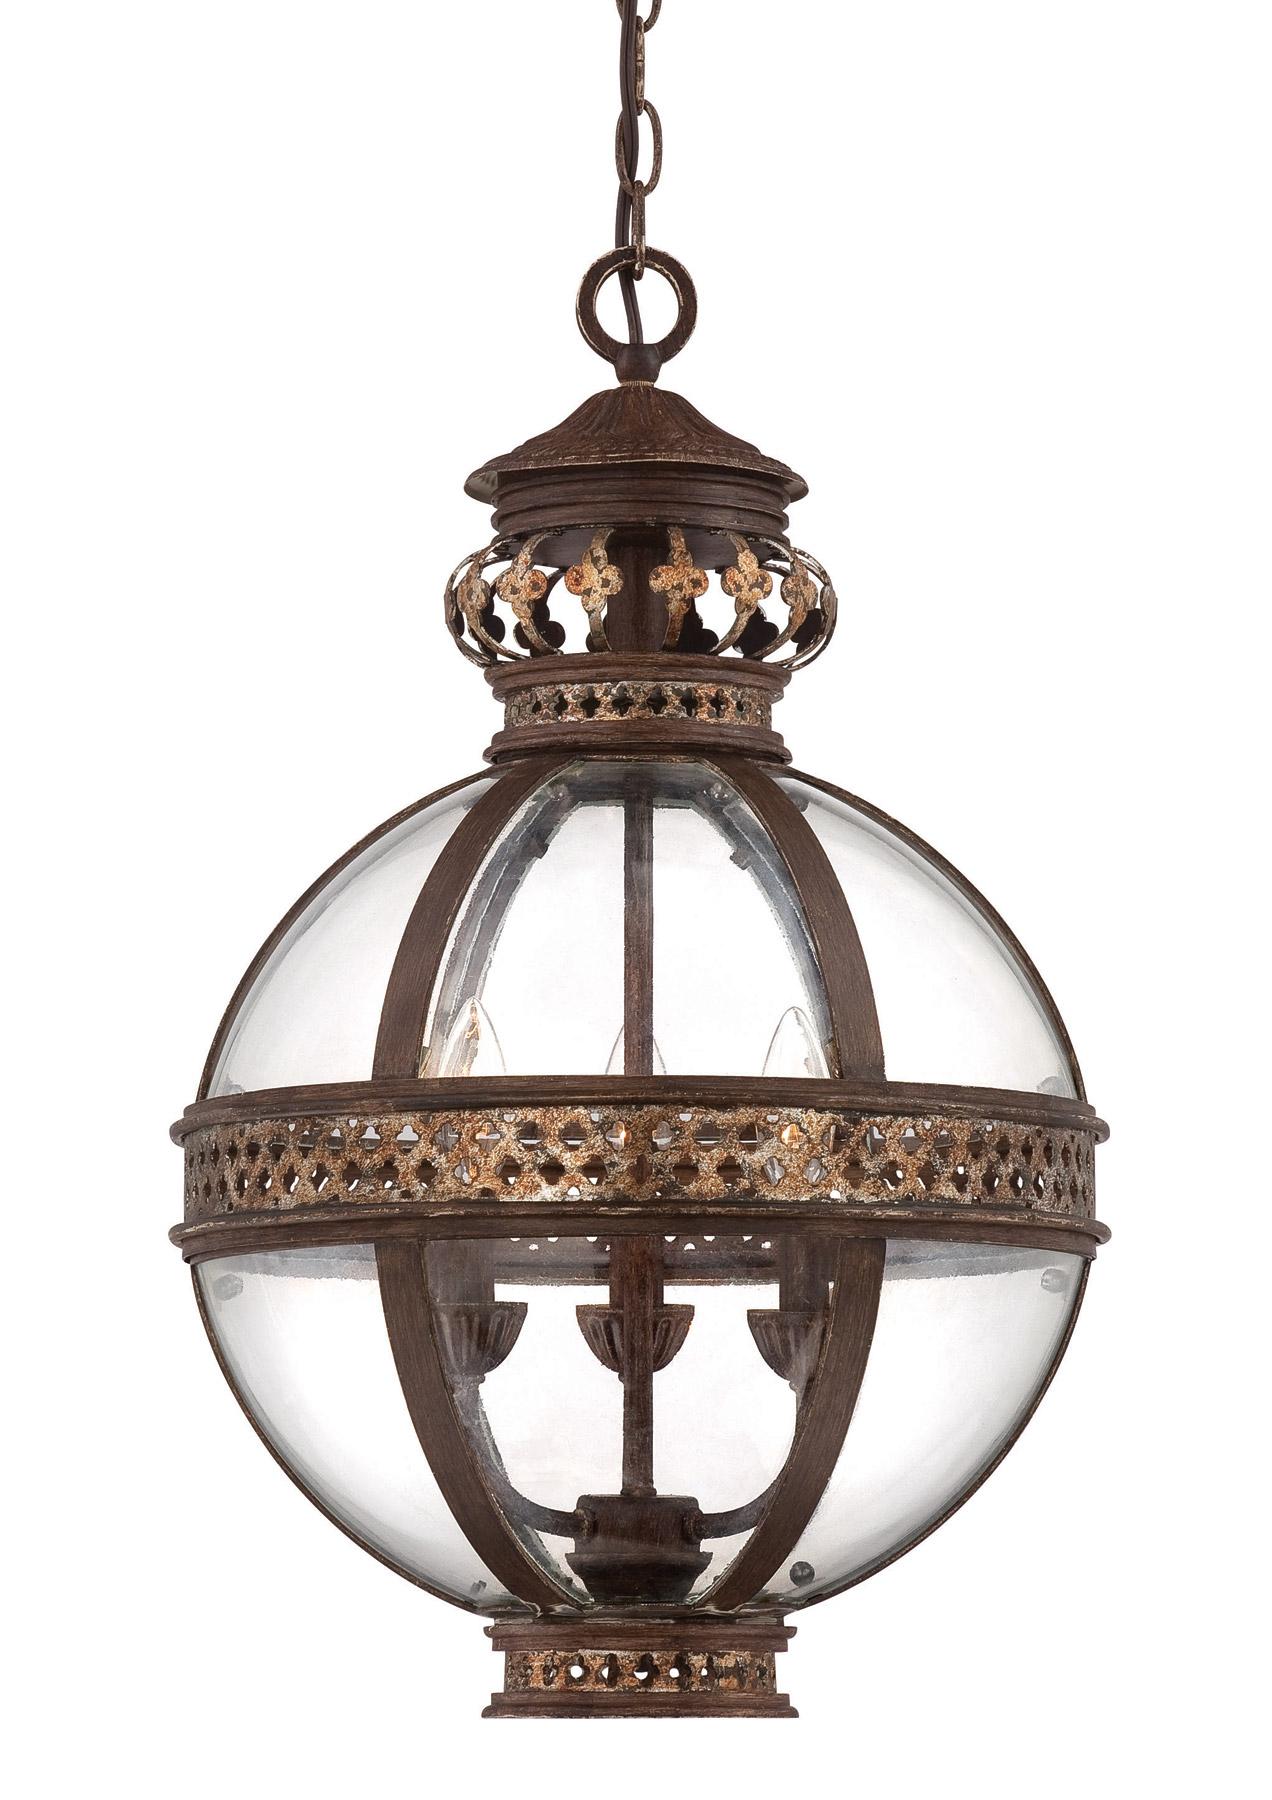 Savoy House 7 1480 3 124 Strasbourg Small French Globe Lantern